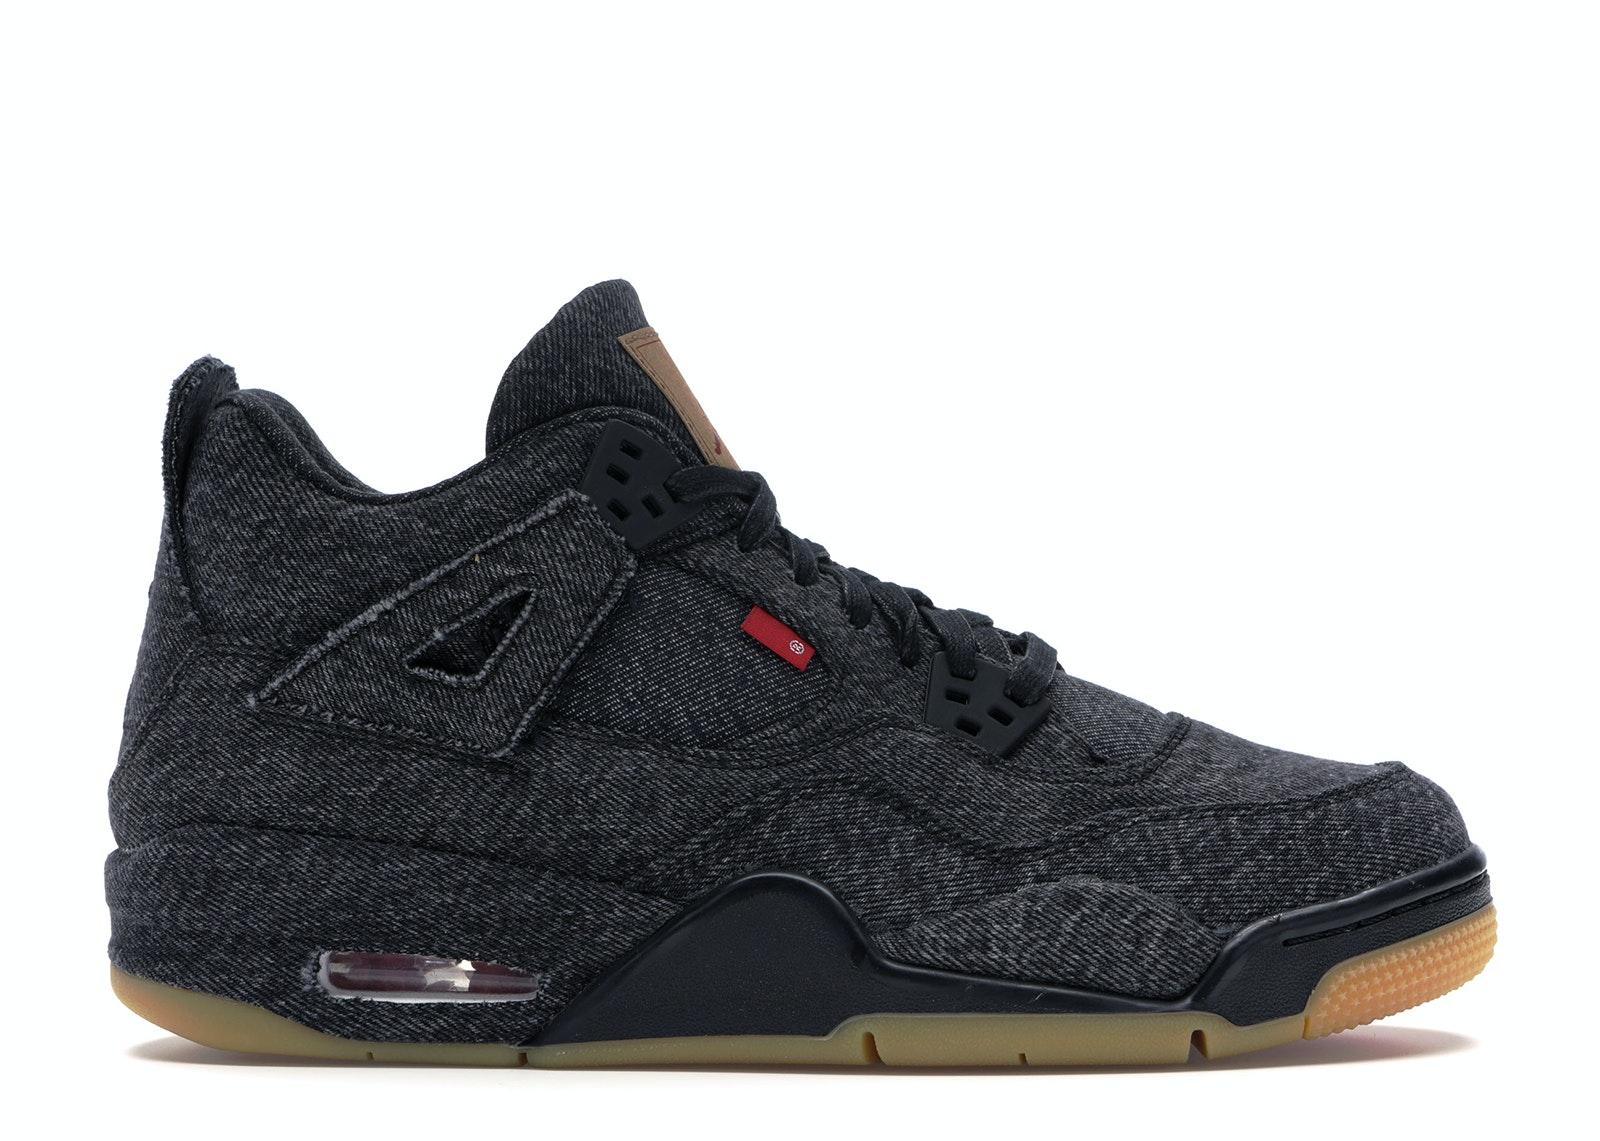 Jordan 4 Retro Levi's Black (GS) (Blank Tag)